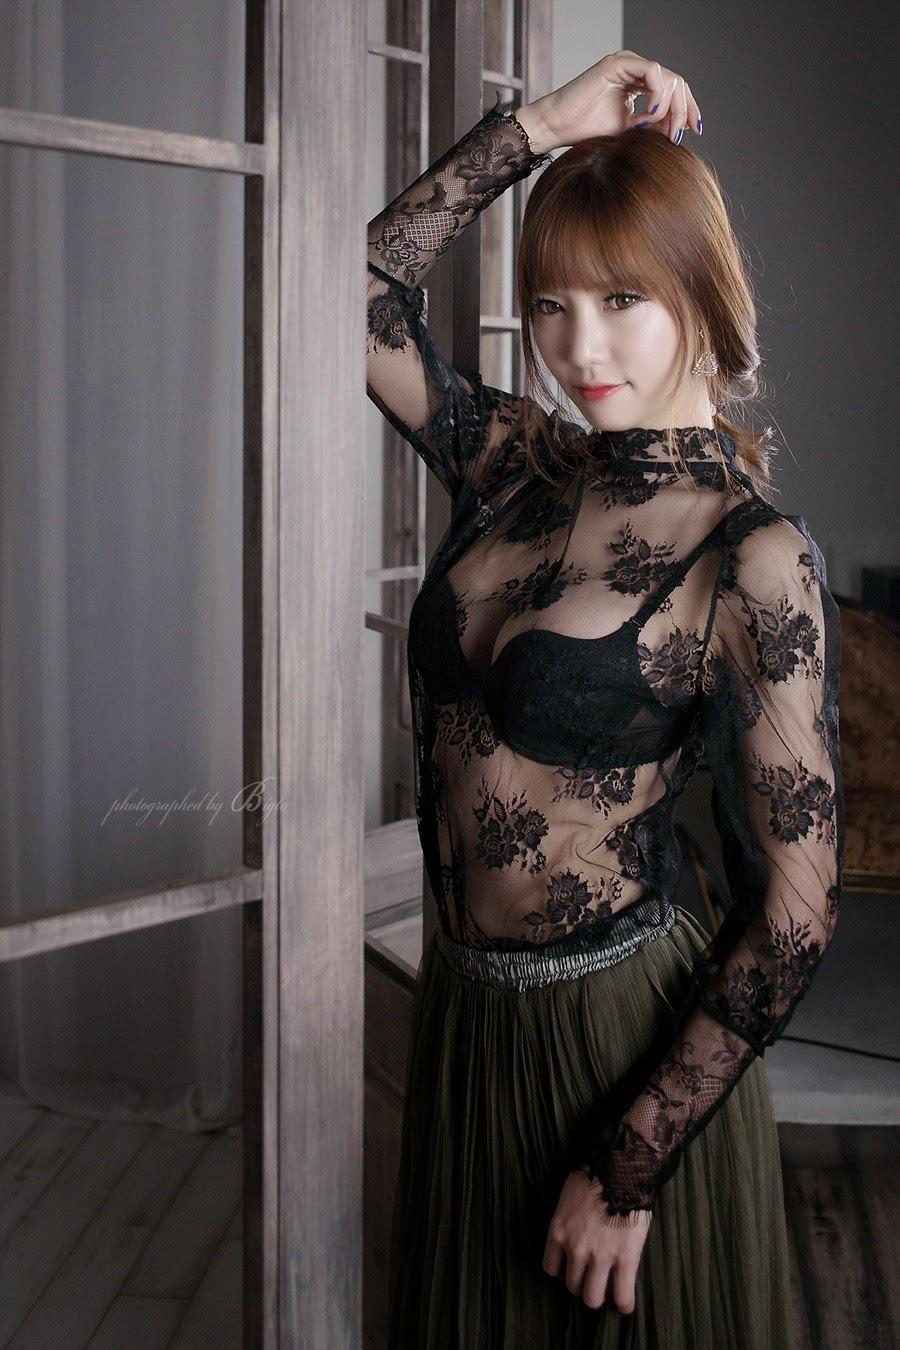 2 Han Min Young - Look Through My Window - very cute asian girl-girlcute4u.blogspot.com